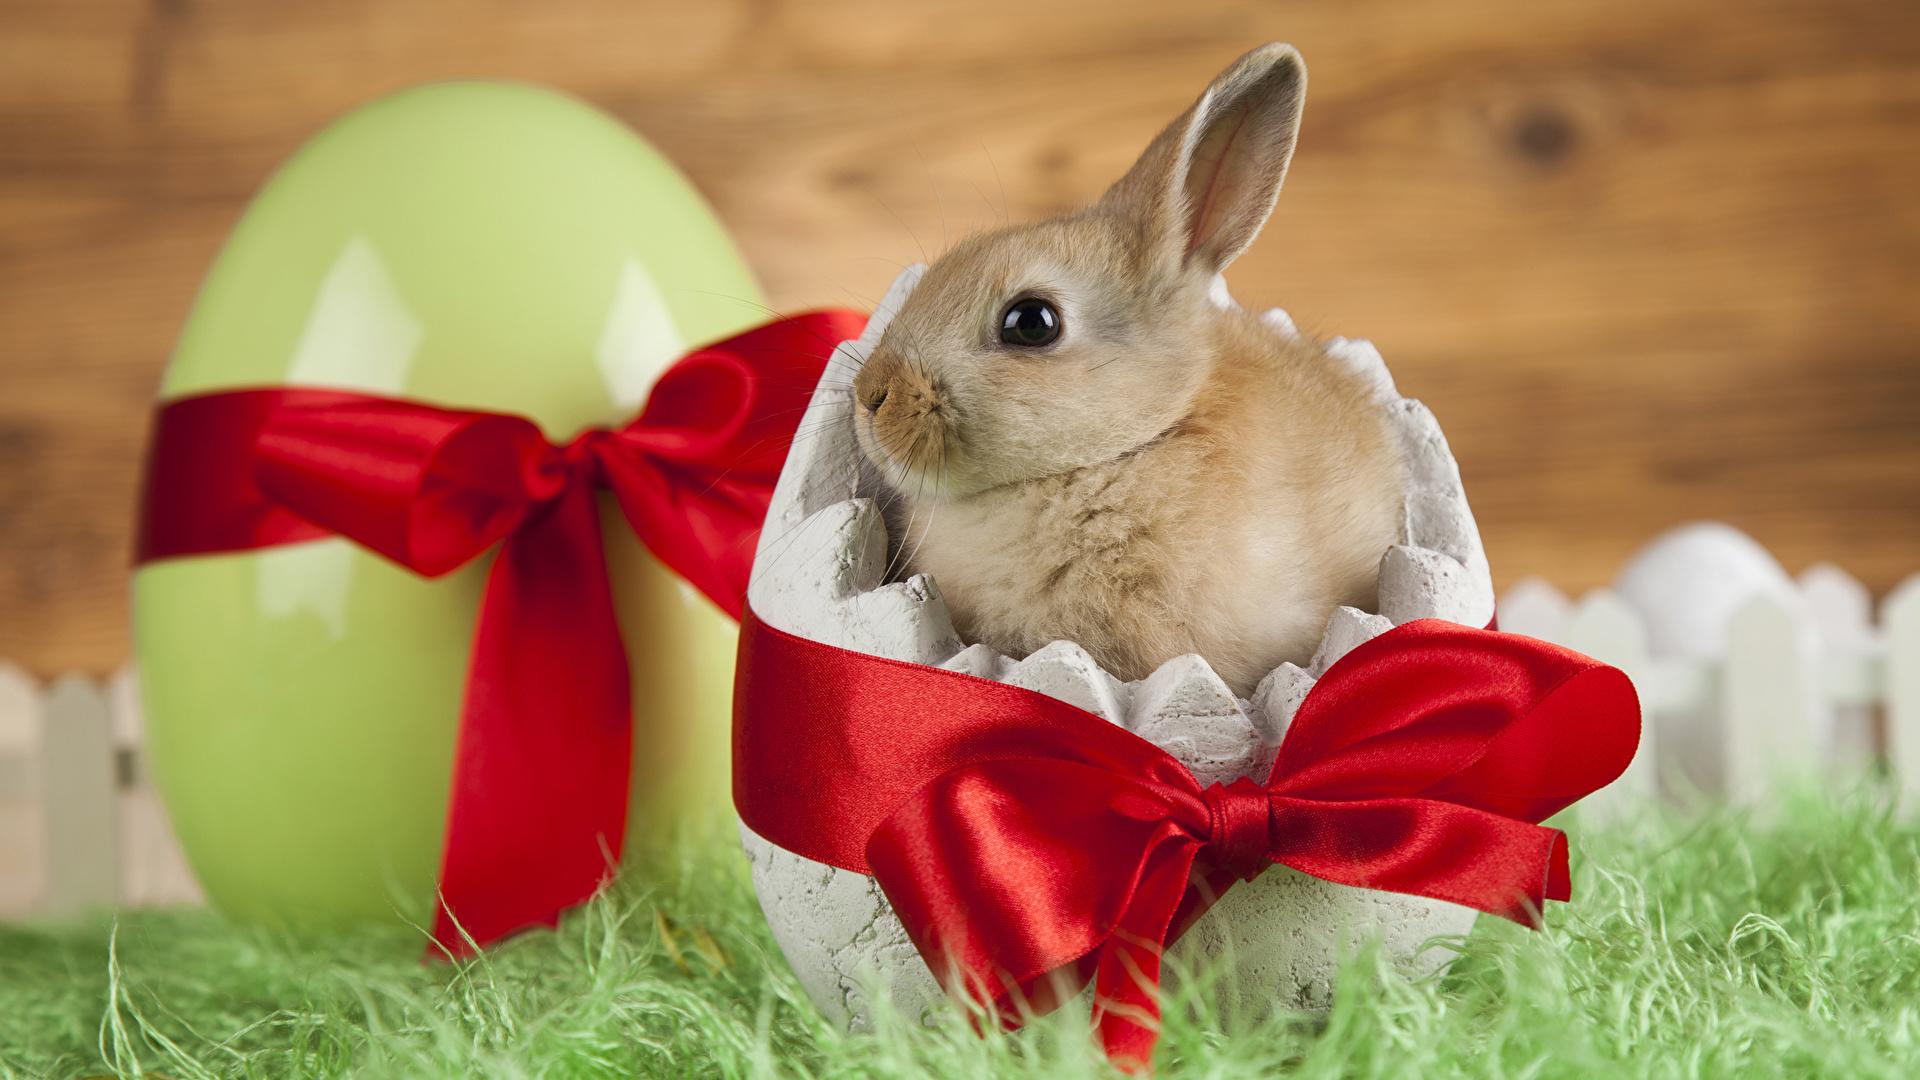 Картинки Пасха Кролики Детеныши Яйца Бантик животное 1920x1080 яиц яйцо яйцами бант бантики Животные